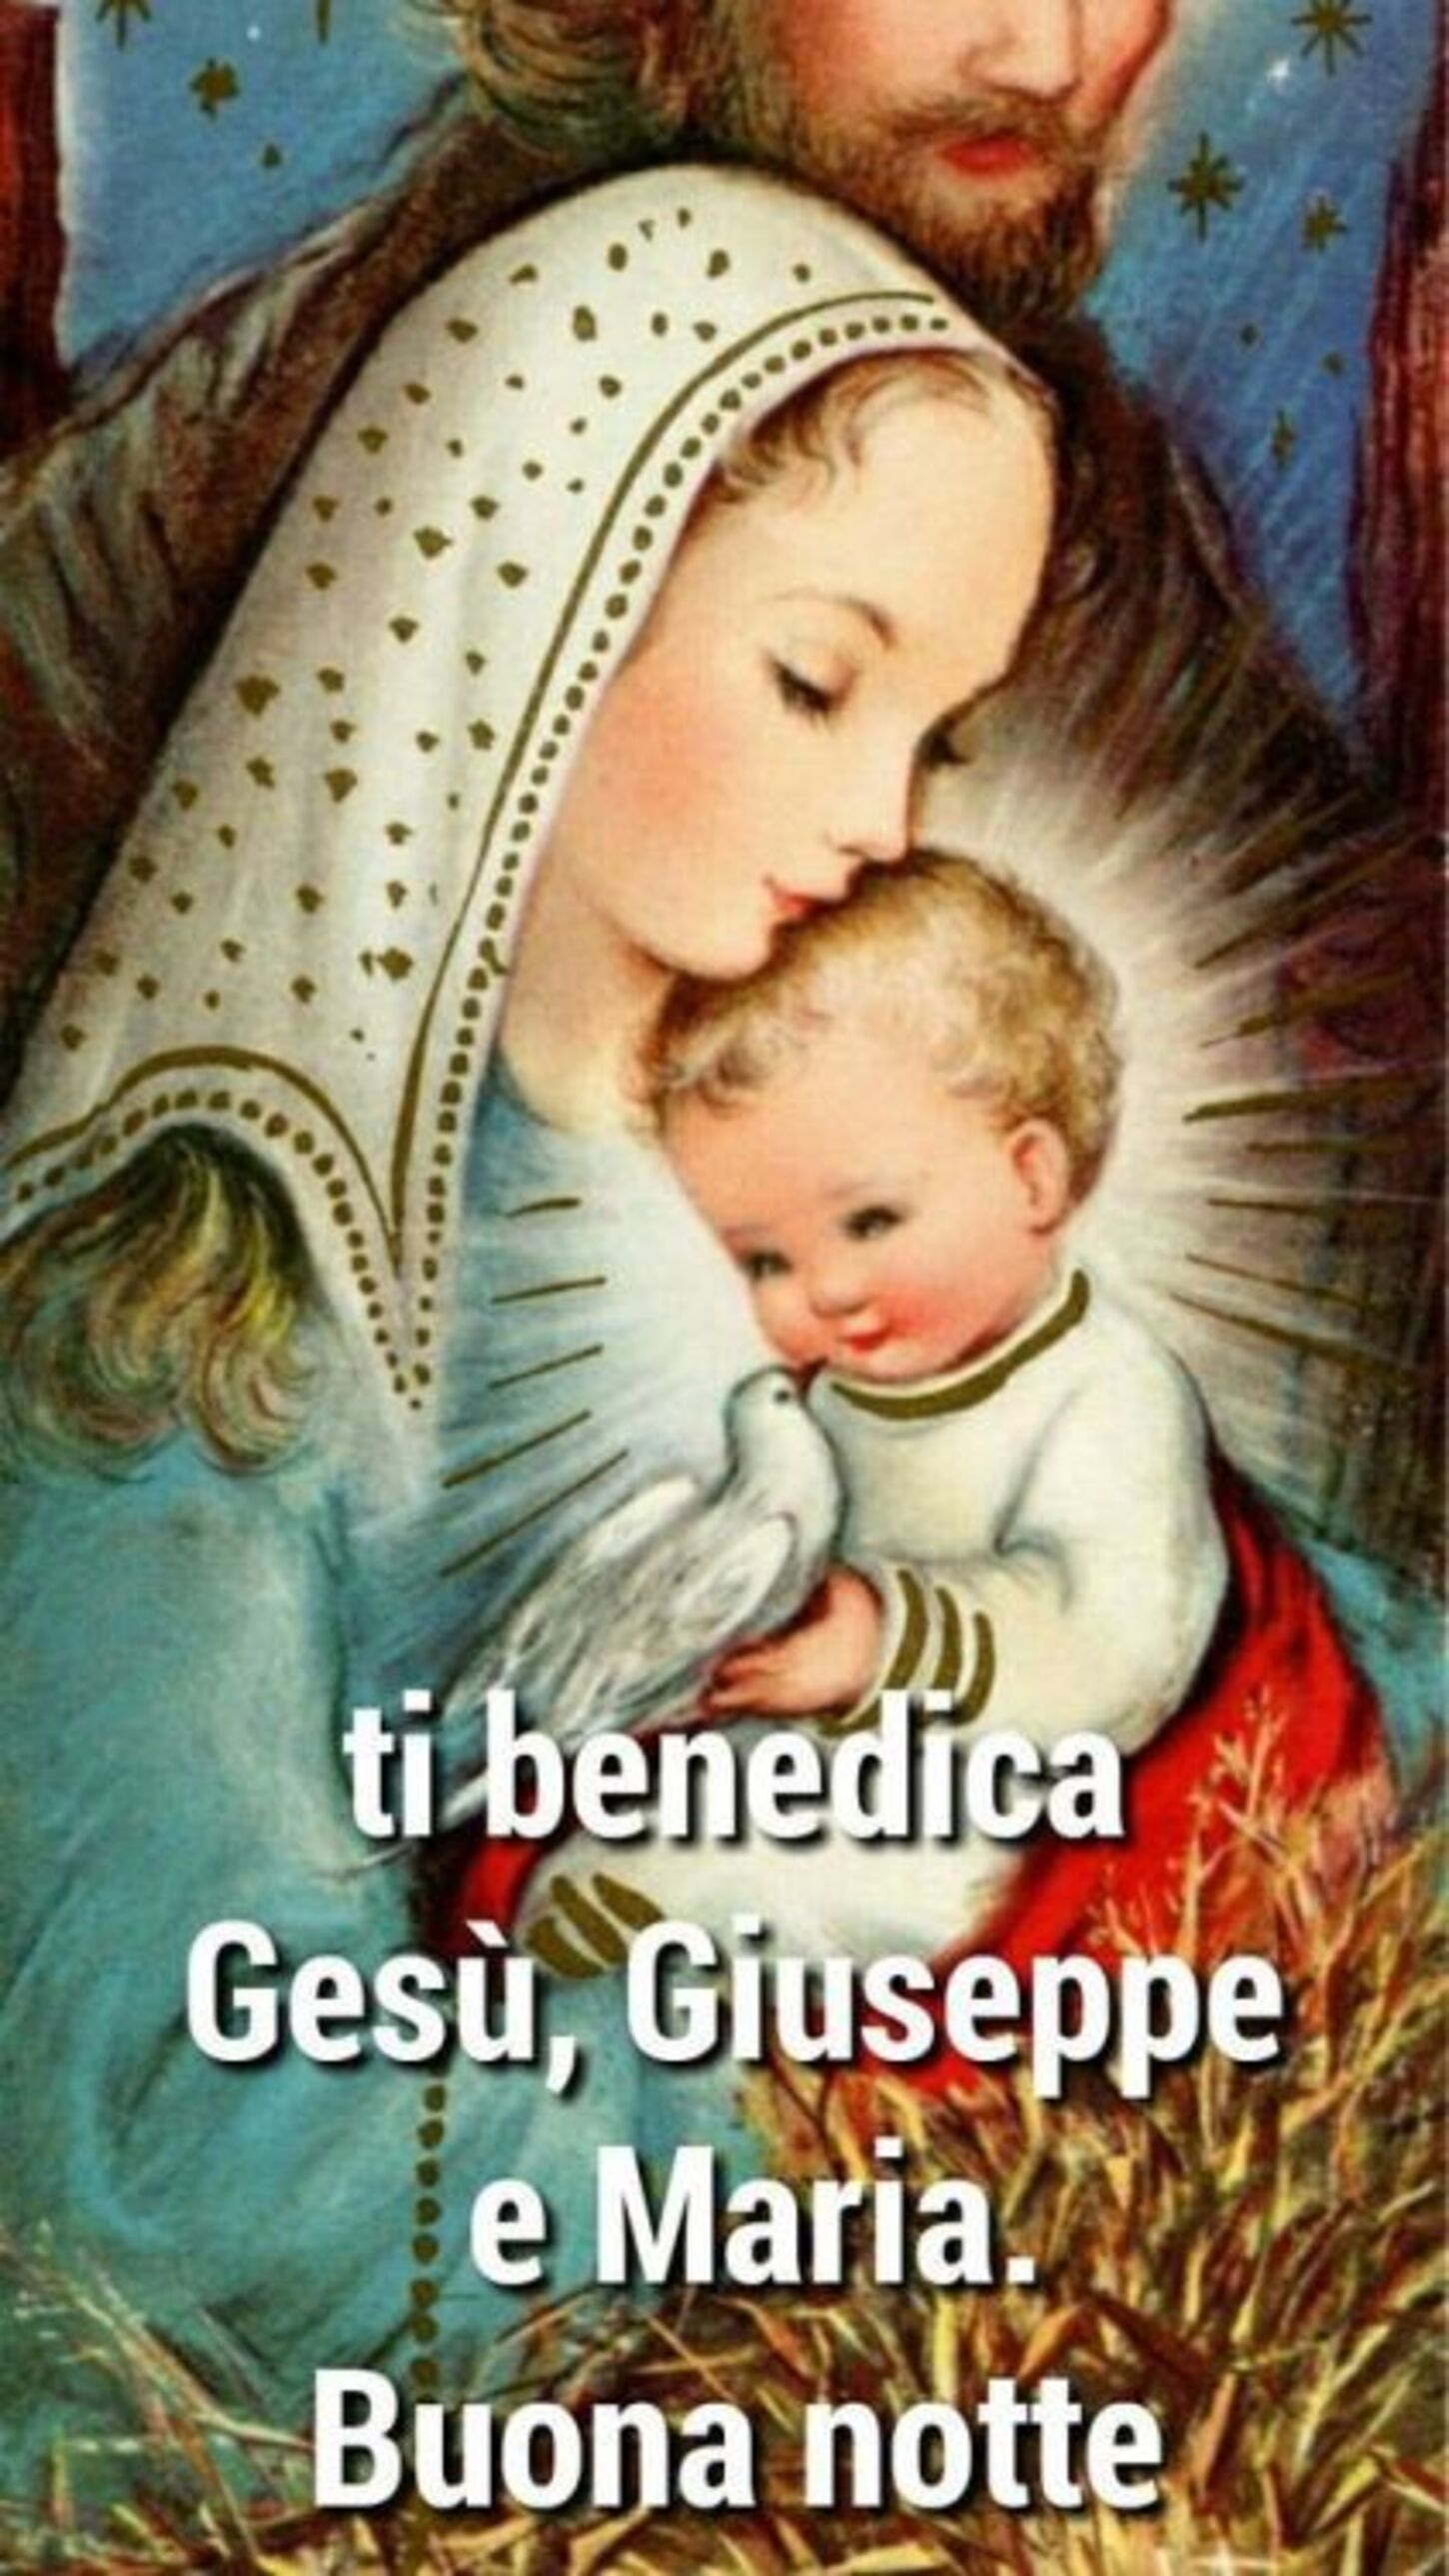 Ti benedica Gesù, Giuseppe e Maria. Buonanotte